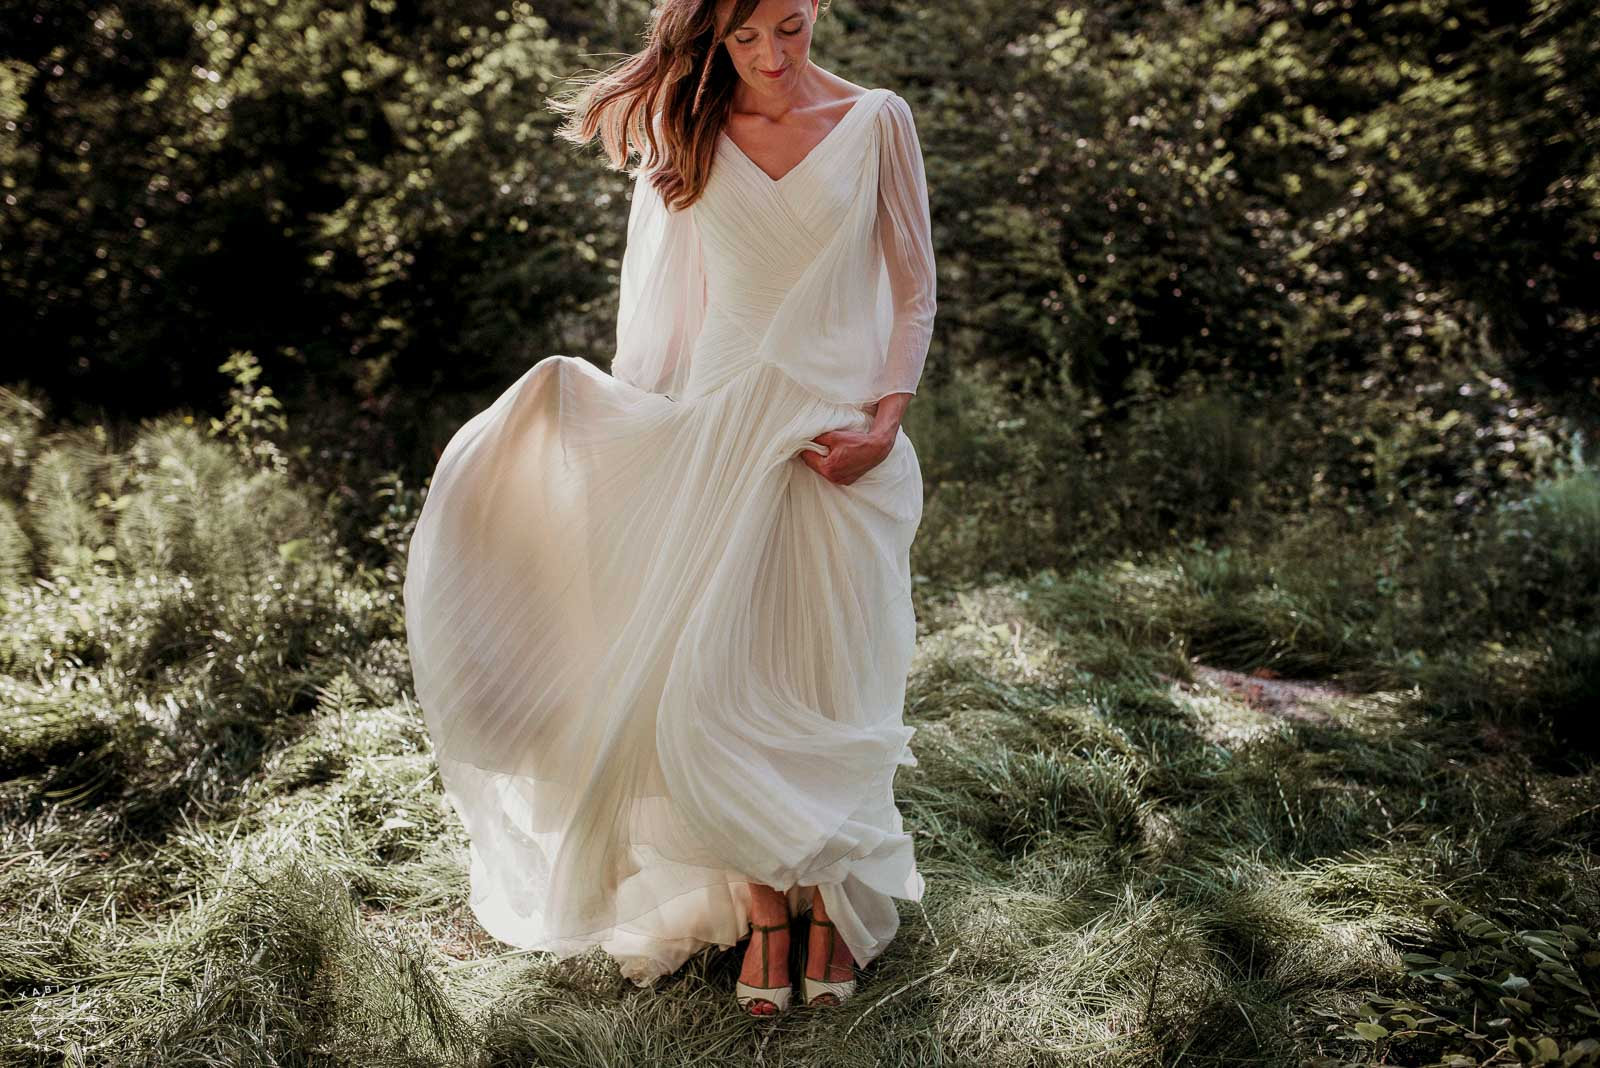 fotografo de bodas en bilbao-129